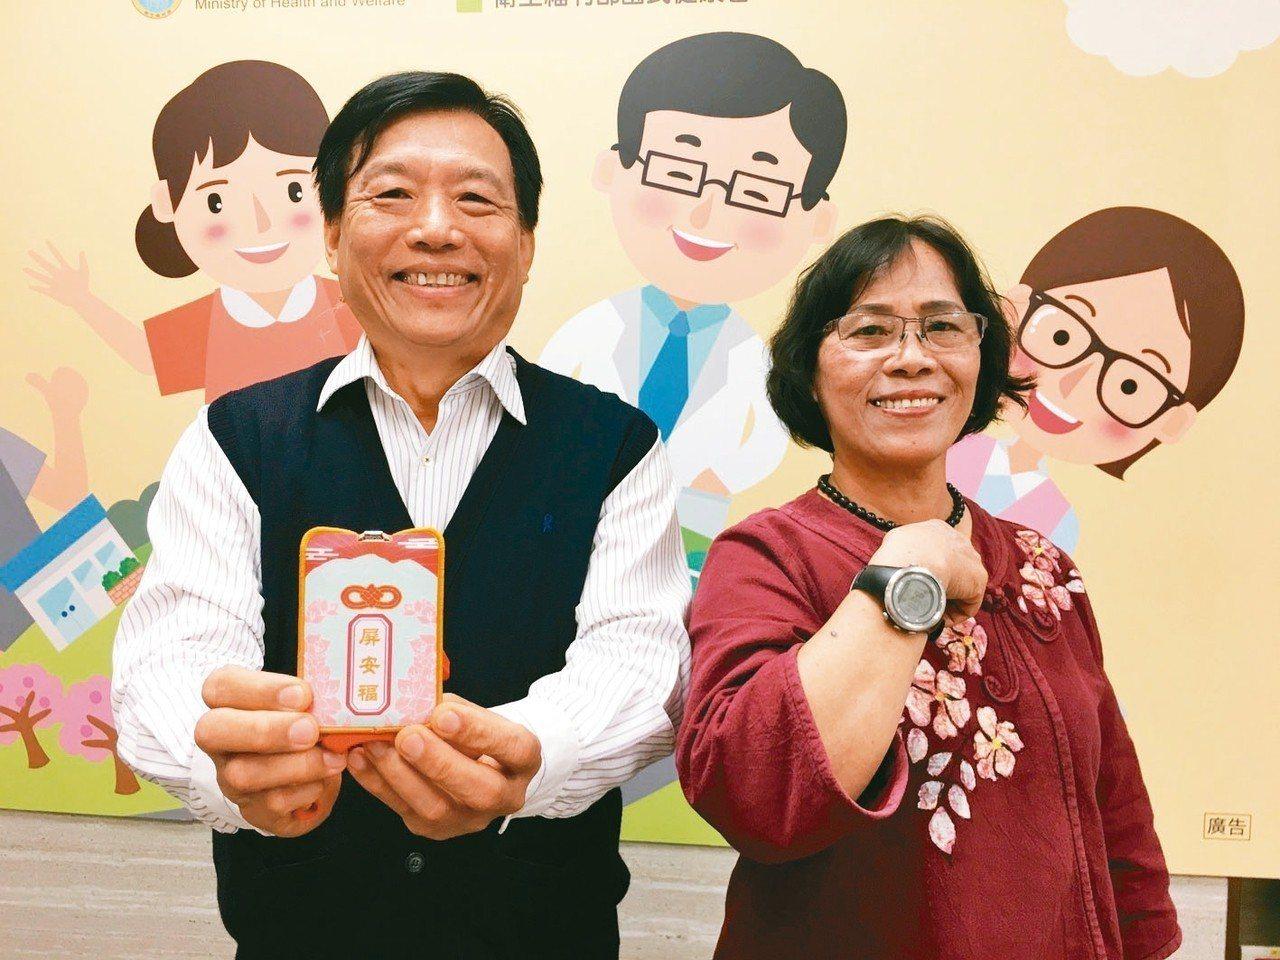 雜貨店老闆陳宥銘(左)和志工張秋貞(右)是屏東縣竹田鄉的失智友善天使,他們手拿有...